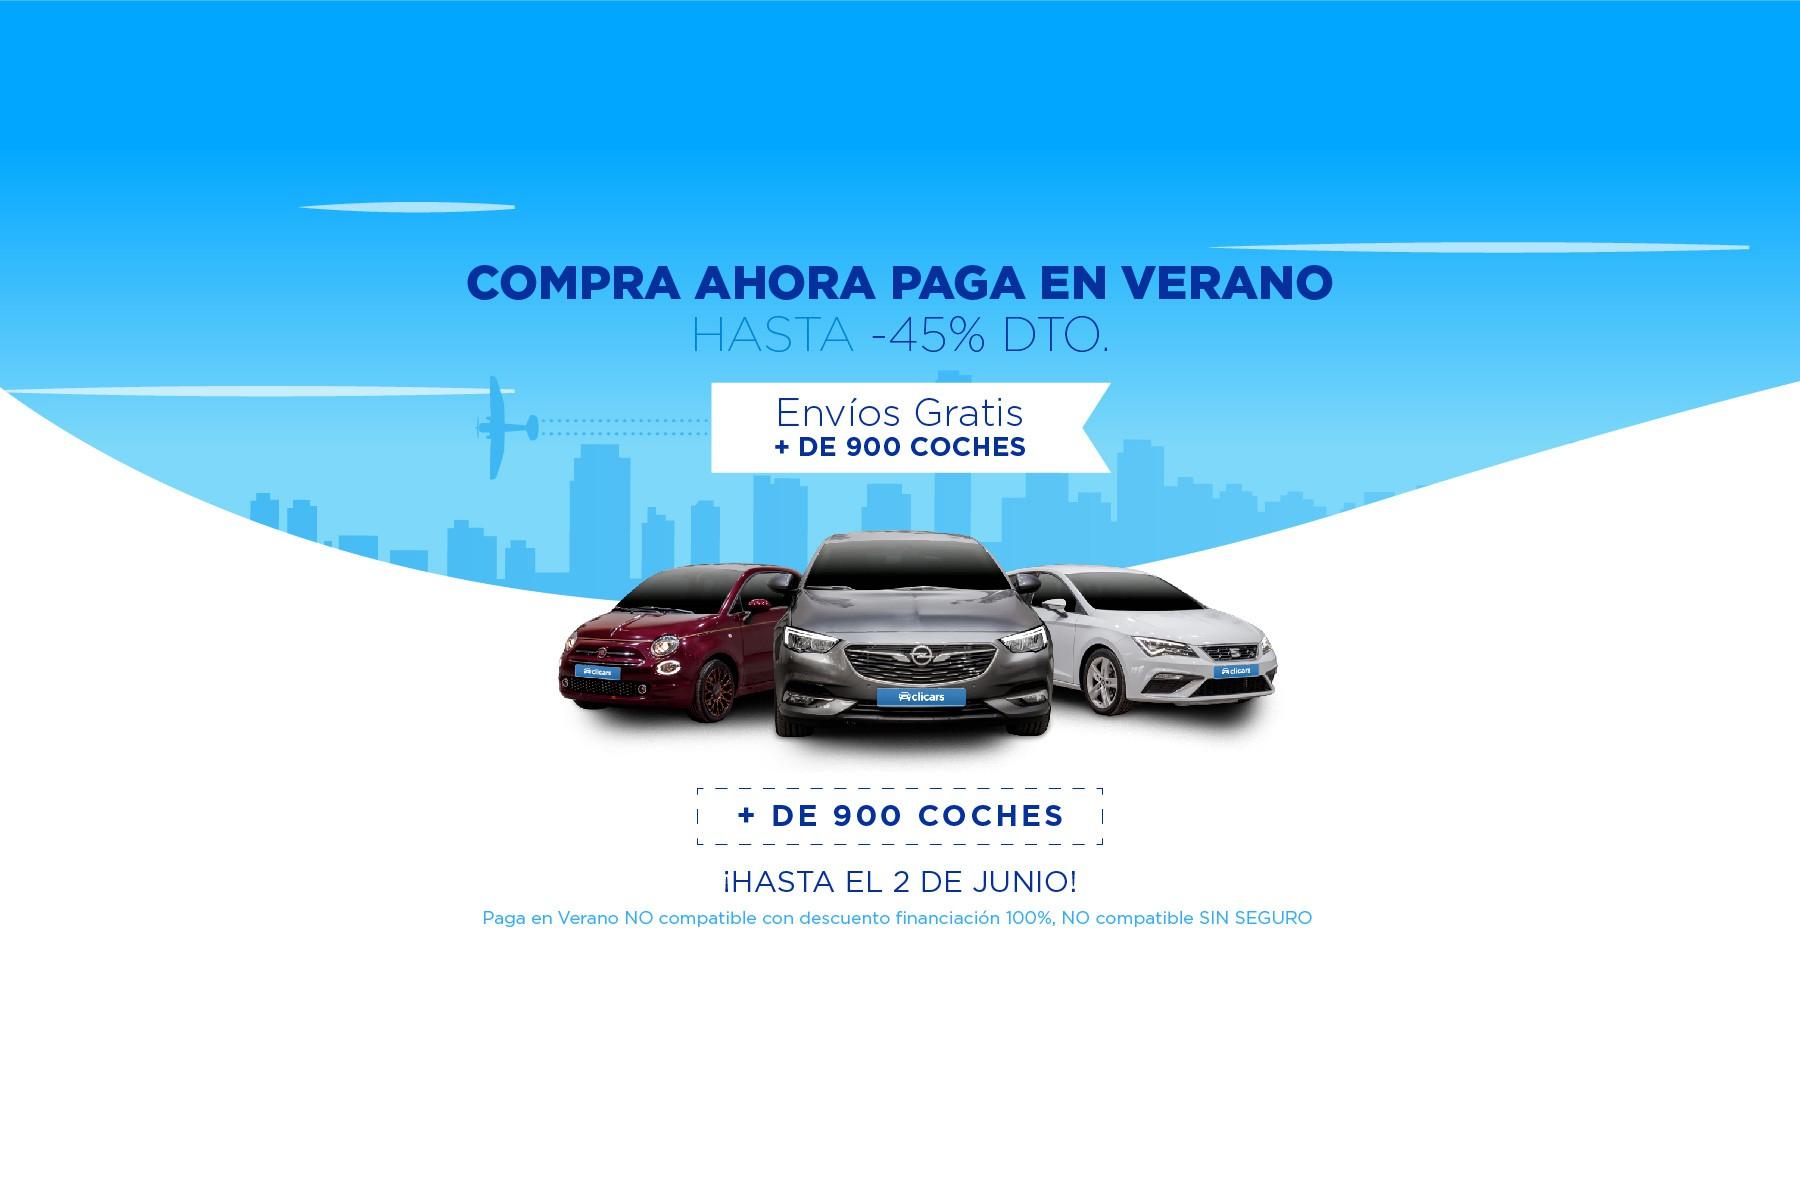 Volkswagen Caddy Diésel Profesional Kombi 2.0 TDI 75kW BMT 2